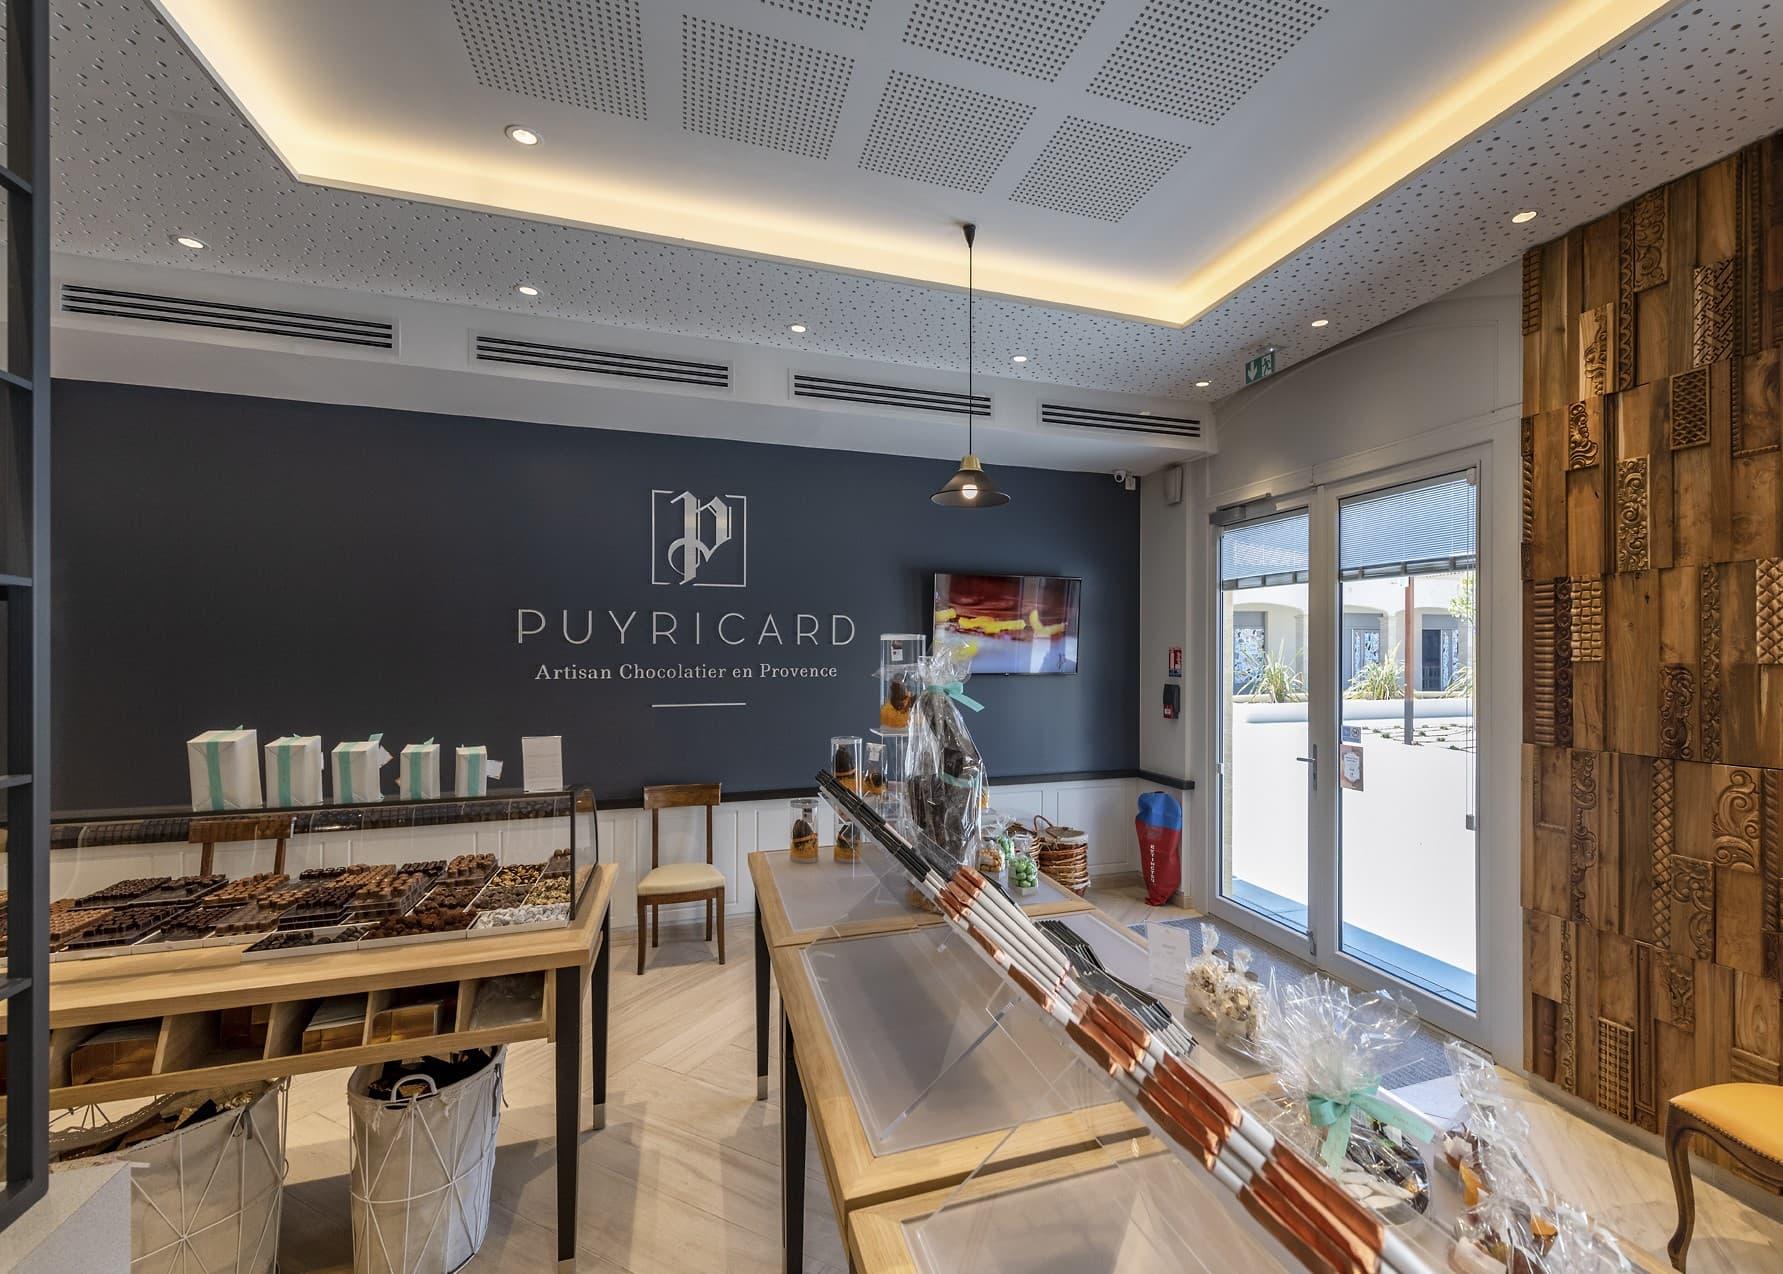 Entrée de la boutique Puyricard